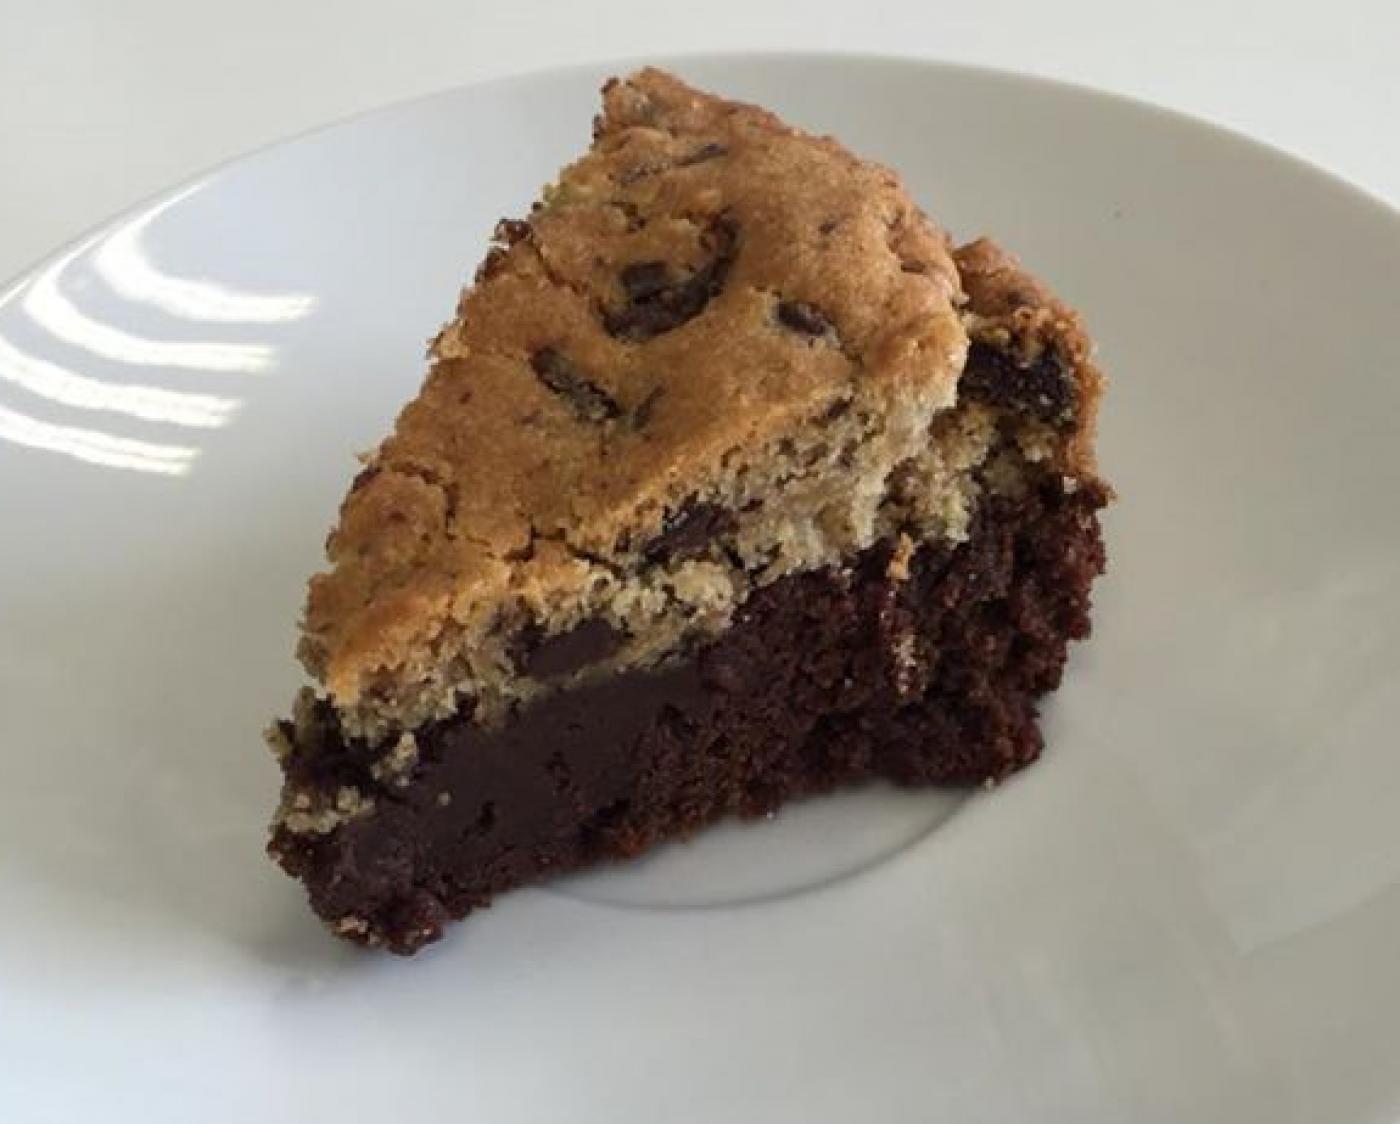 Le browkie : délicieux mélange entre un brownie et un big cookie